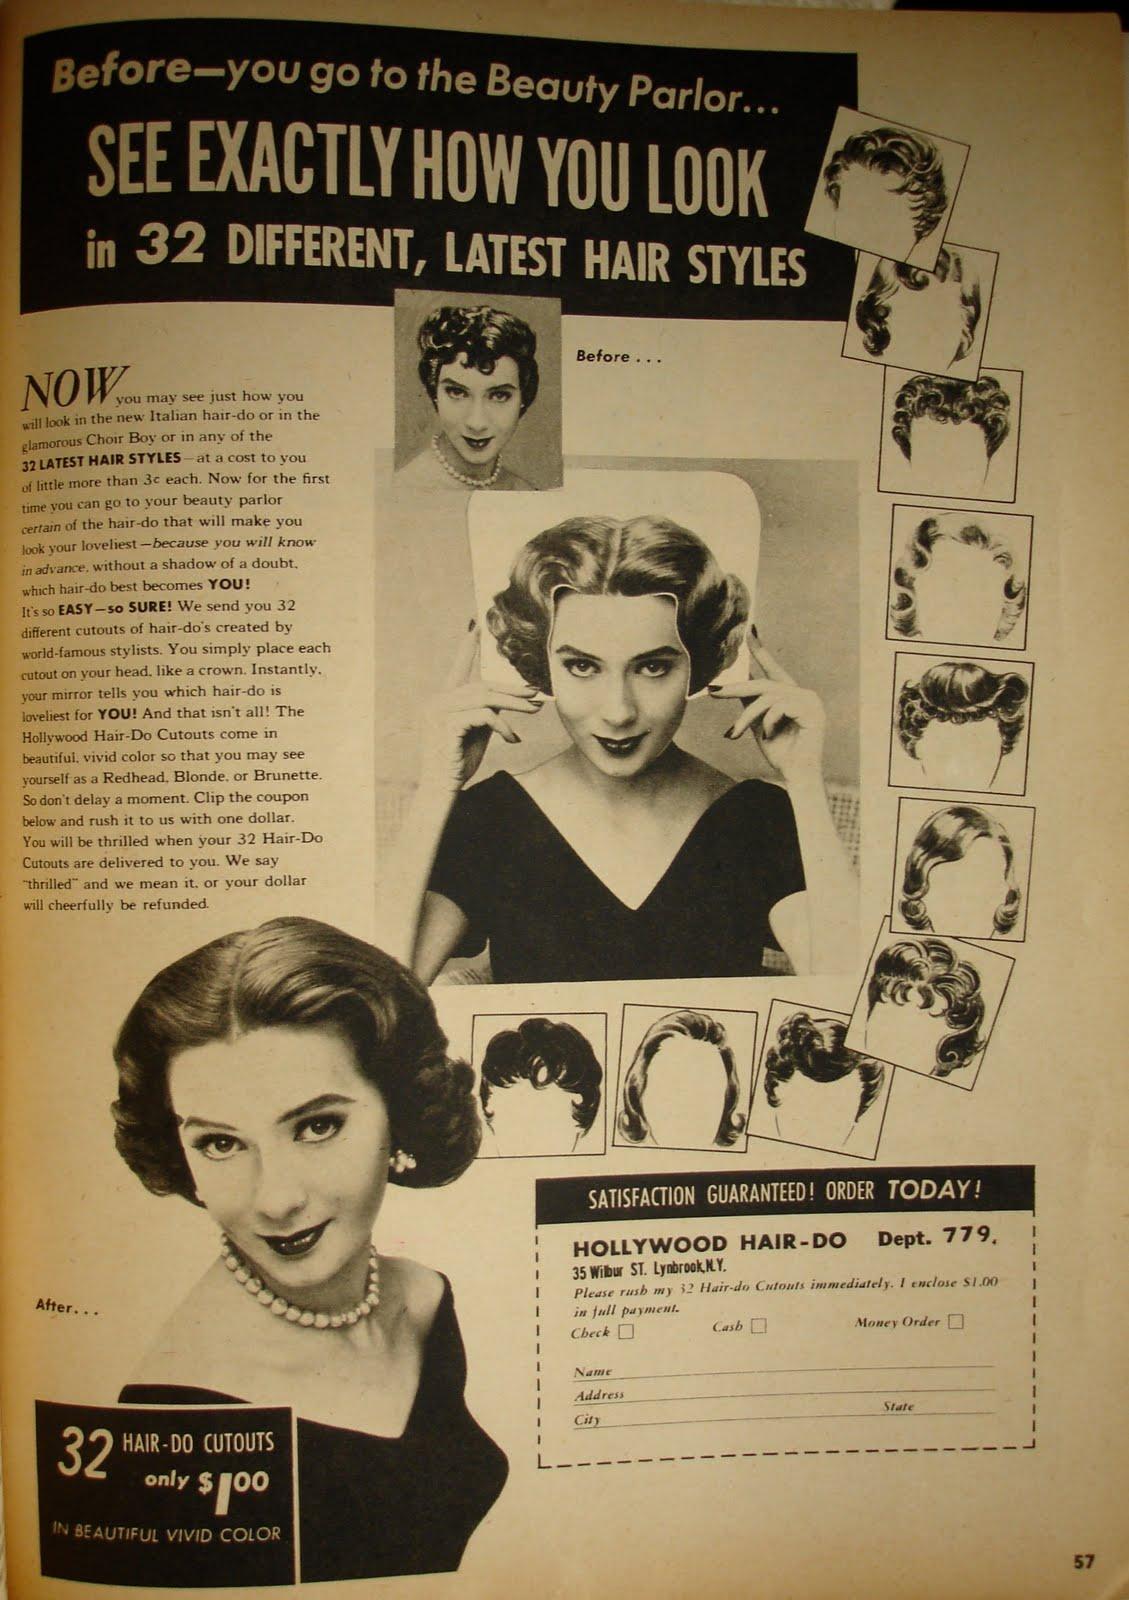 http://1.bp.blogspot.com/_gNKspf9e4ns/THvjrB8TvxI/AAAAAAAACRo/2N-QplPaj24/s1600/hairstyles.jpg